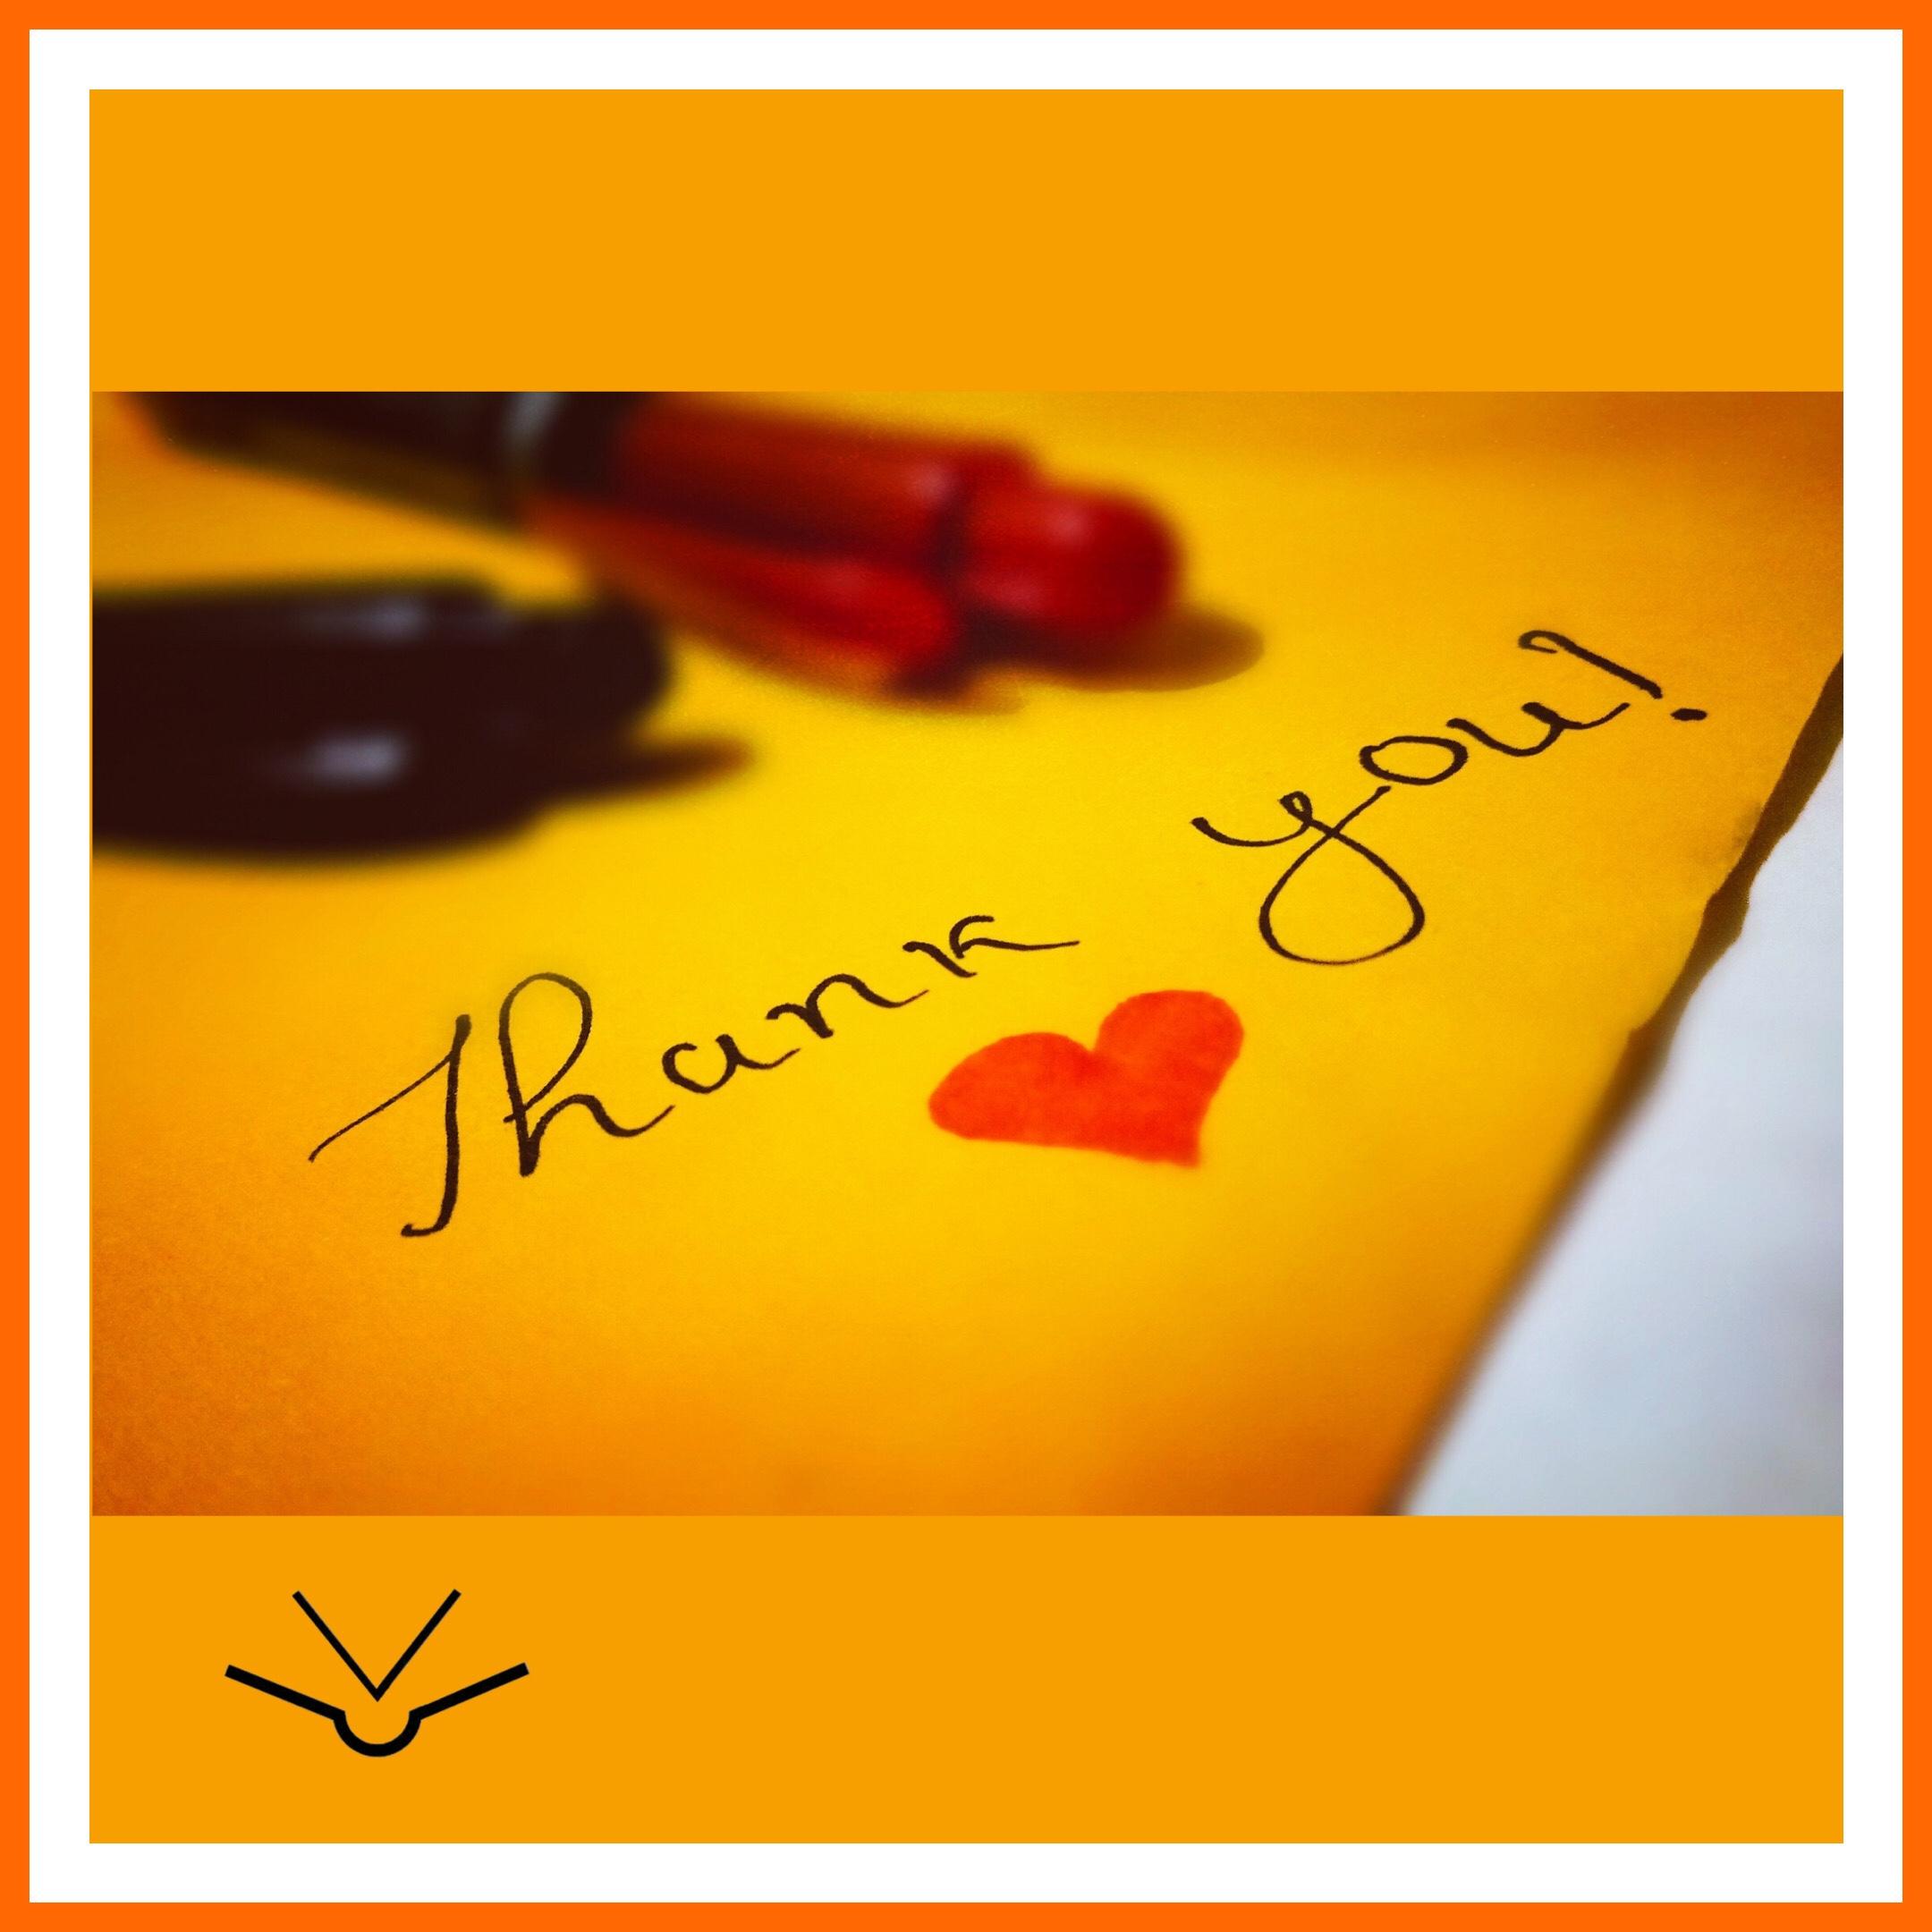 Ein rotes Herz auf gelbem Papier mit dem Schriftzug Thank You